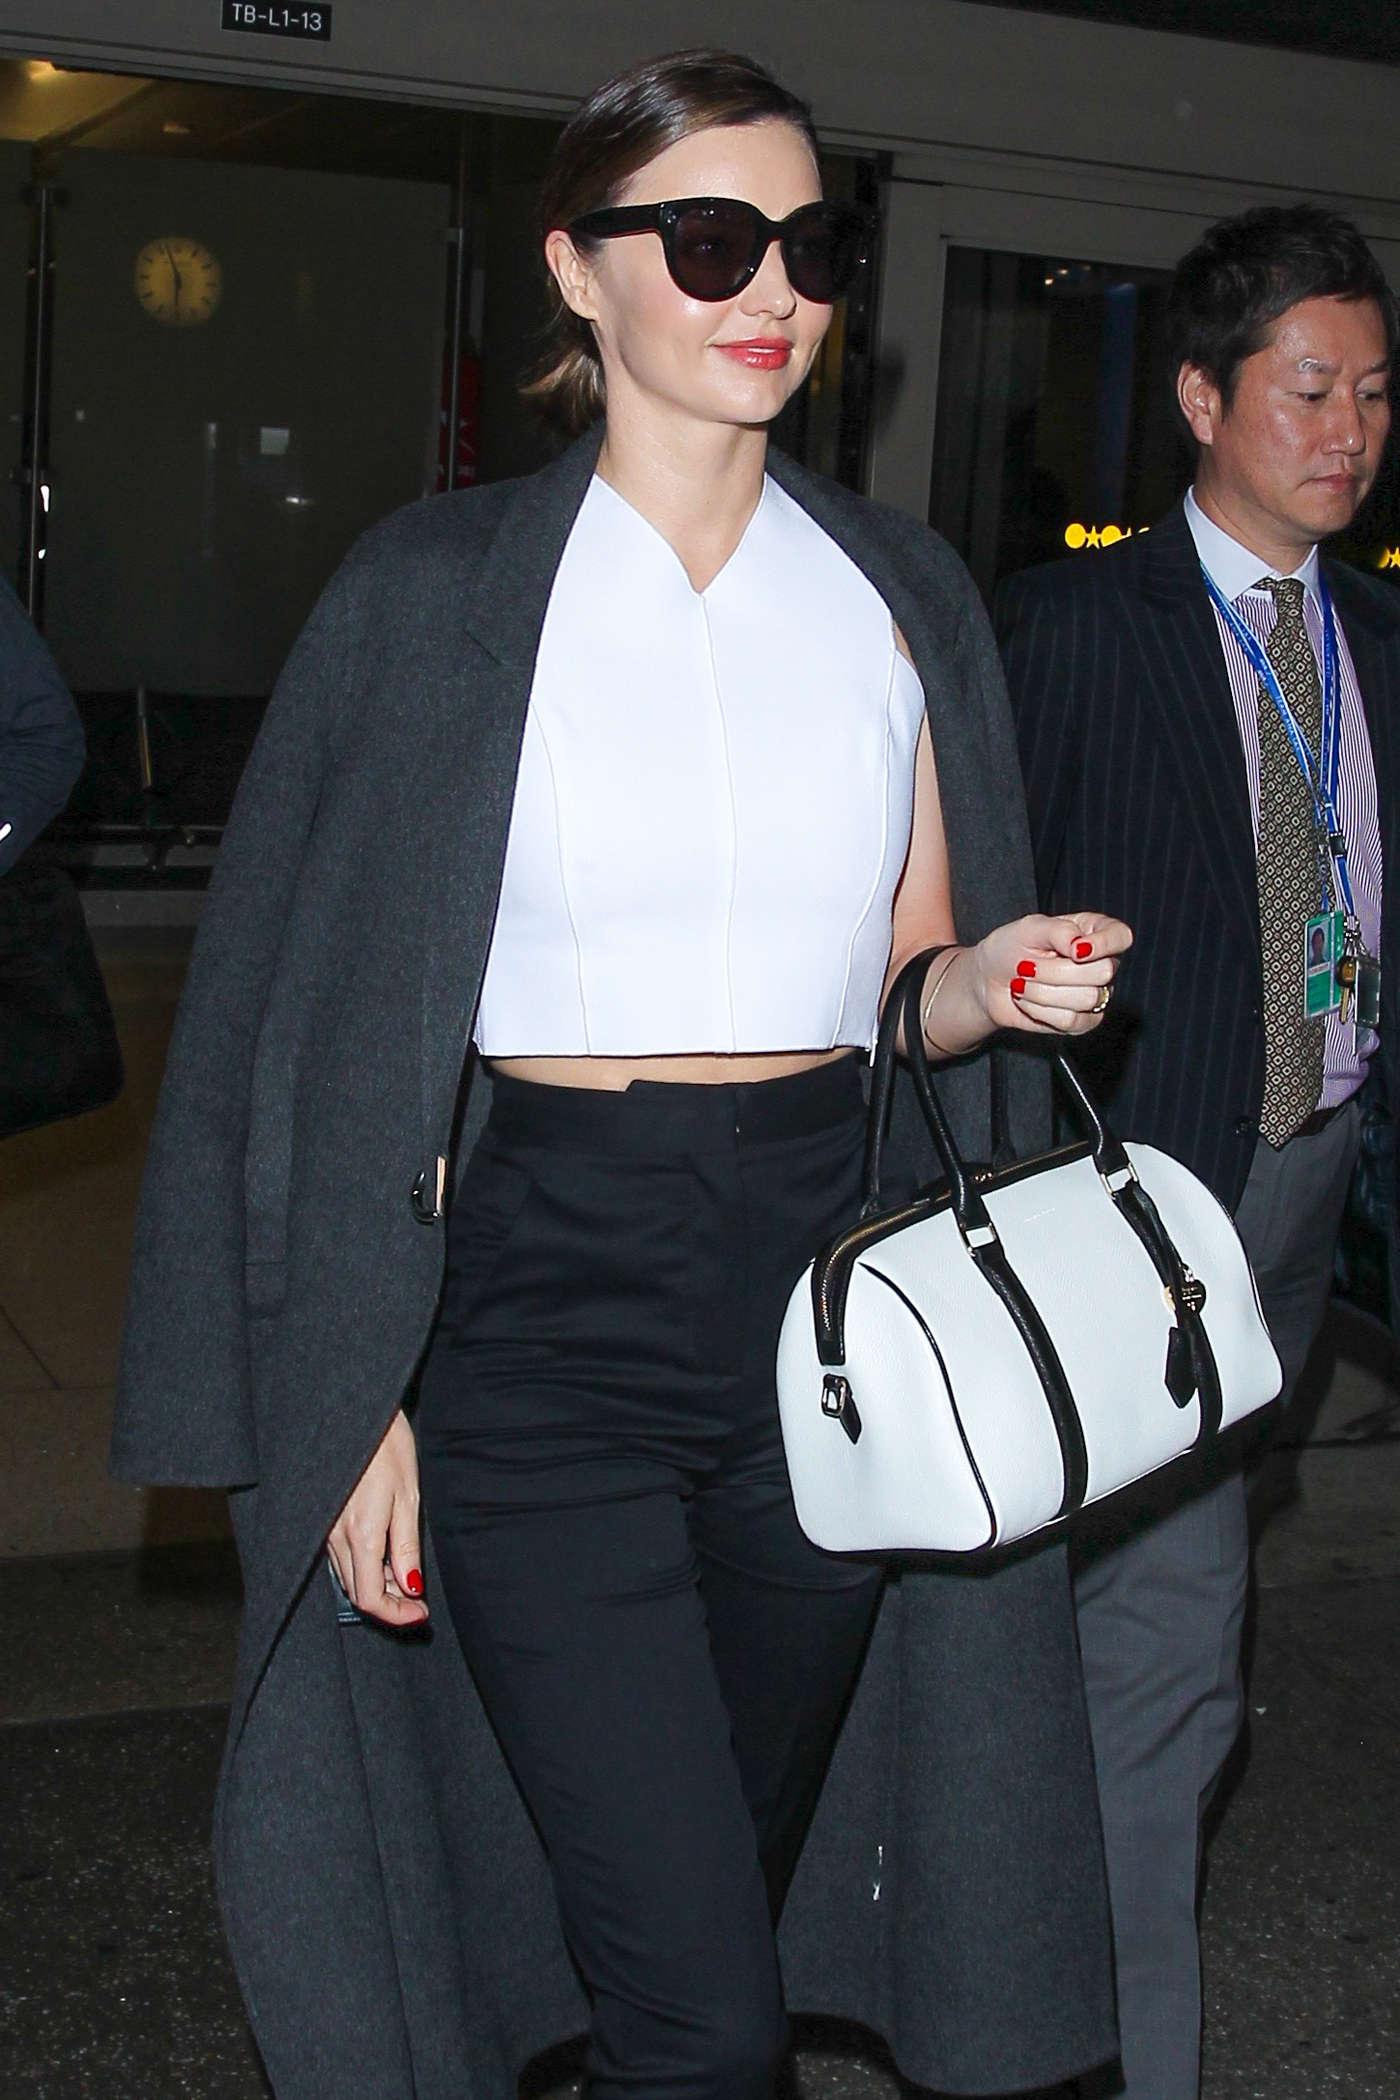 Miranda Kerr 2016 : Miranda Kerr at LAX Airport in LA -07